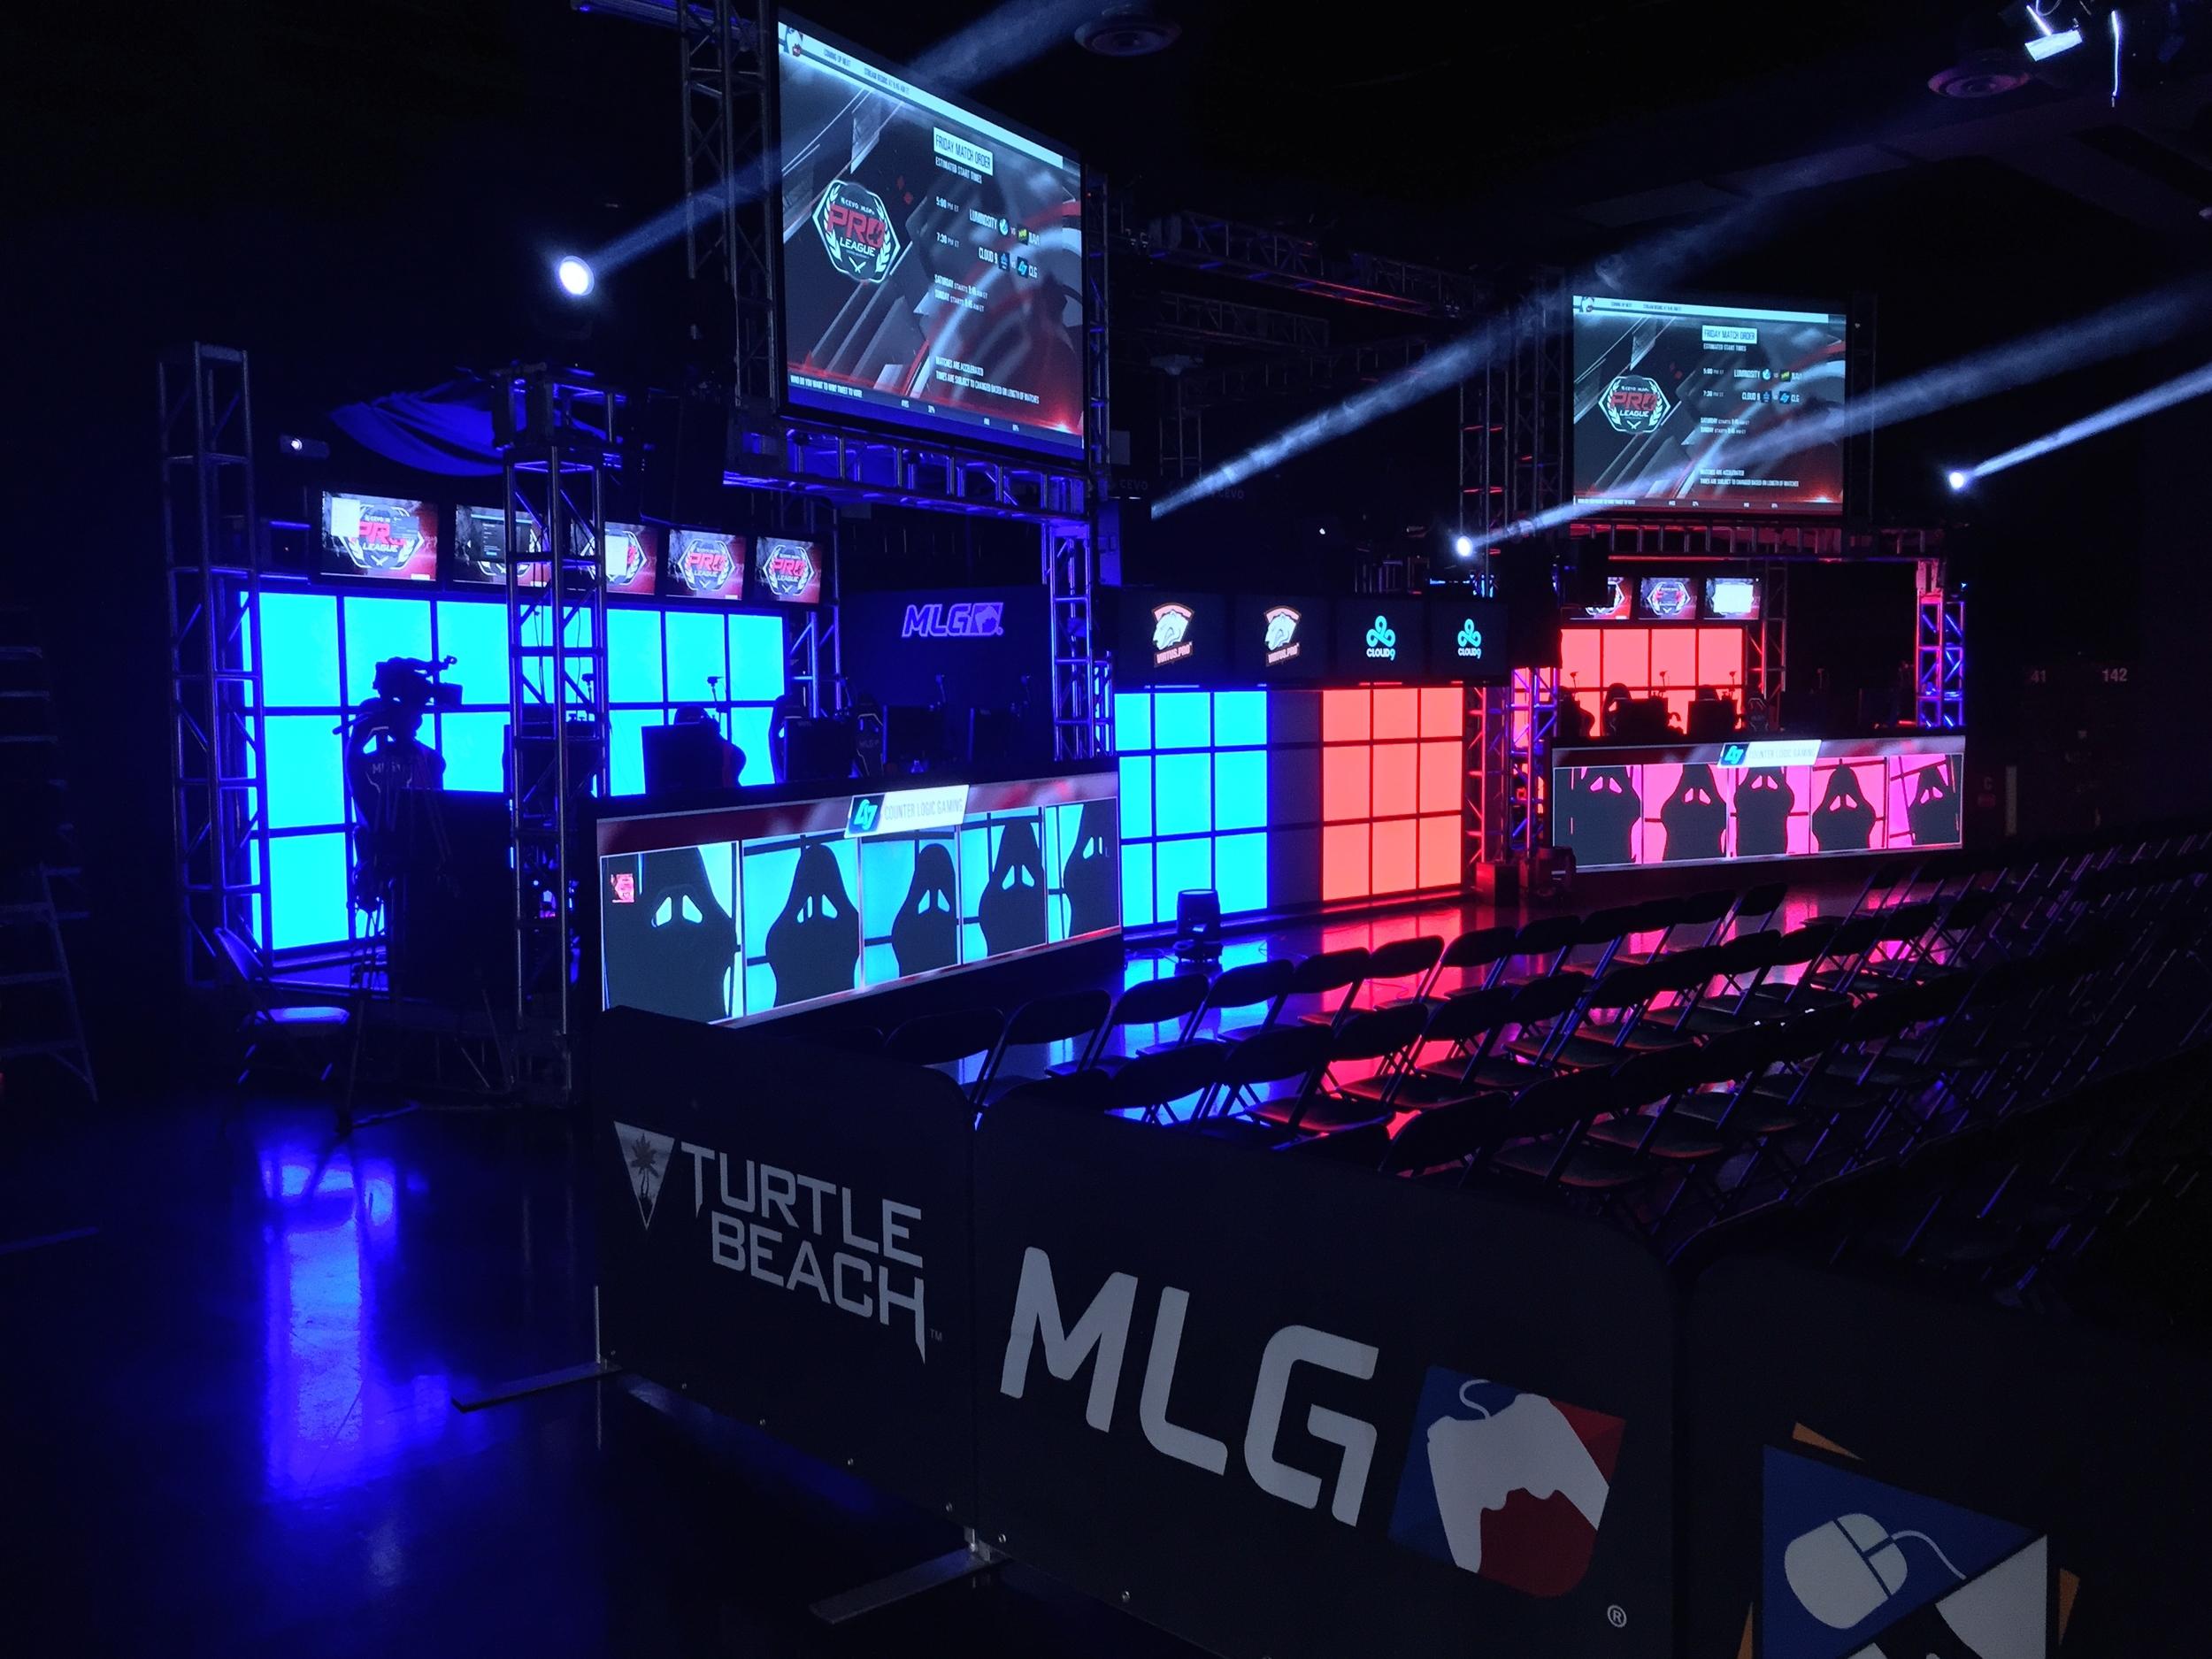 MLG RGB LED Wall